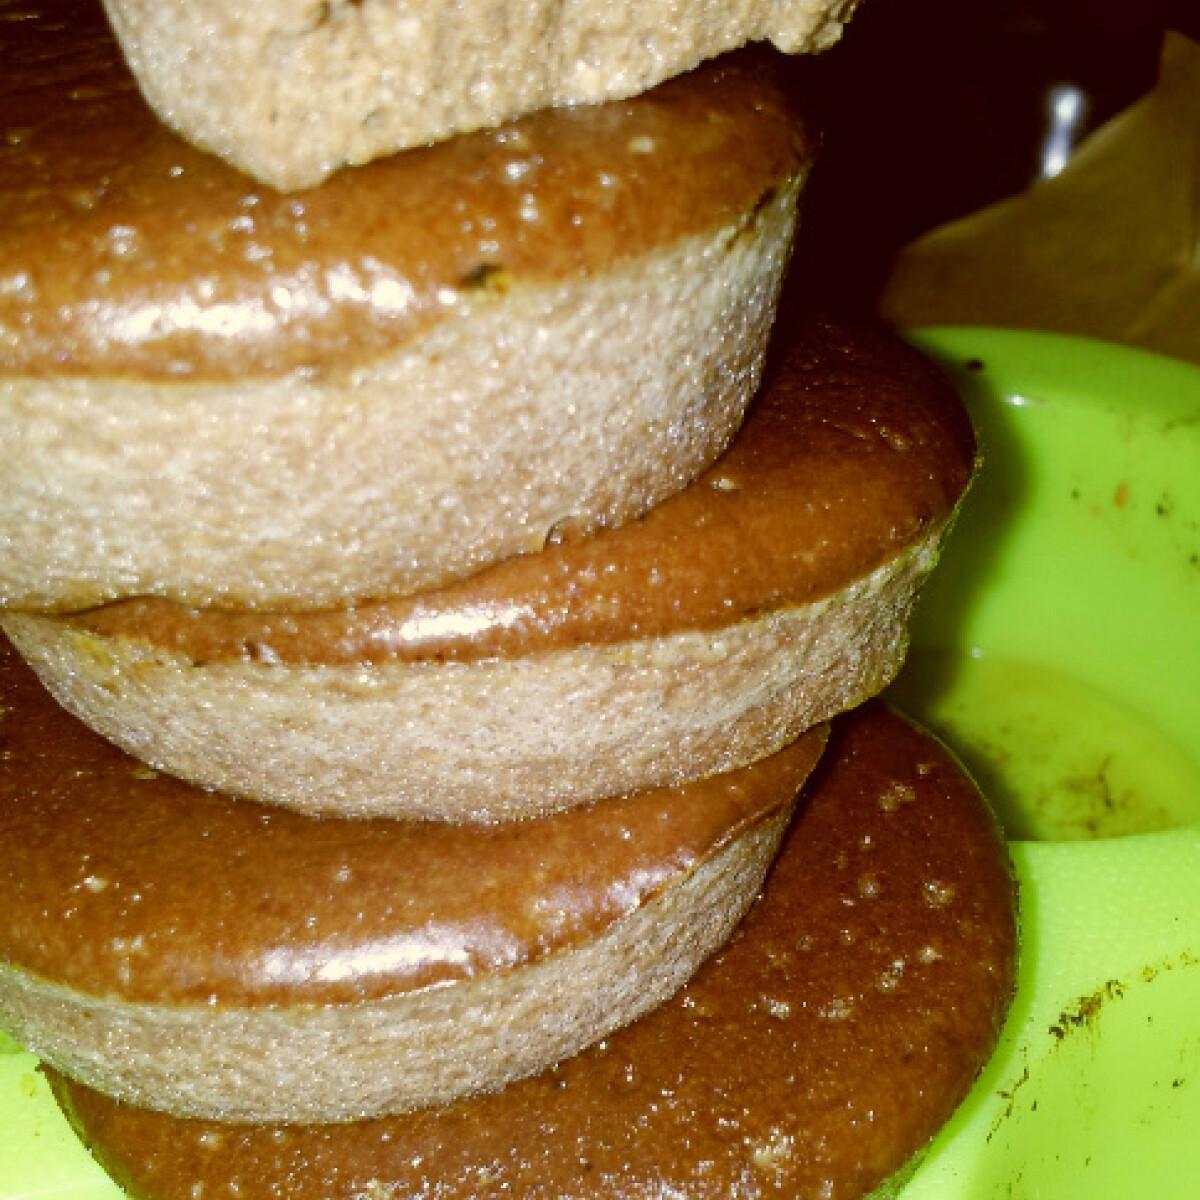 Ezen a képen: Fitt proteines muffin